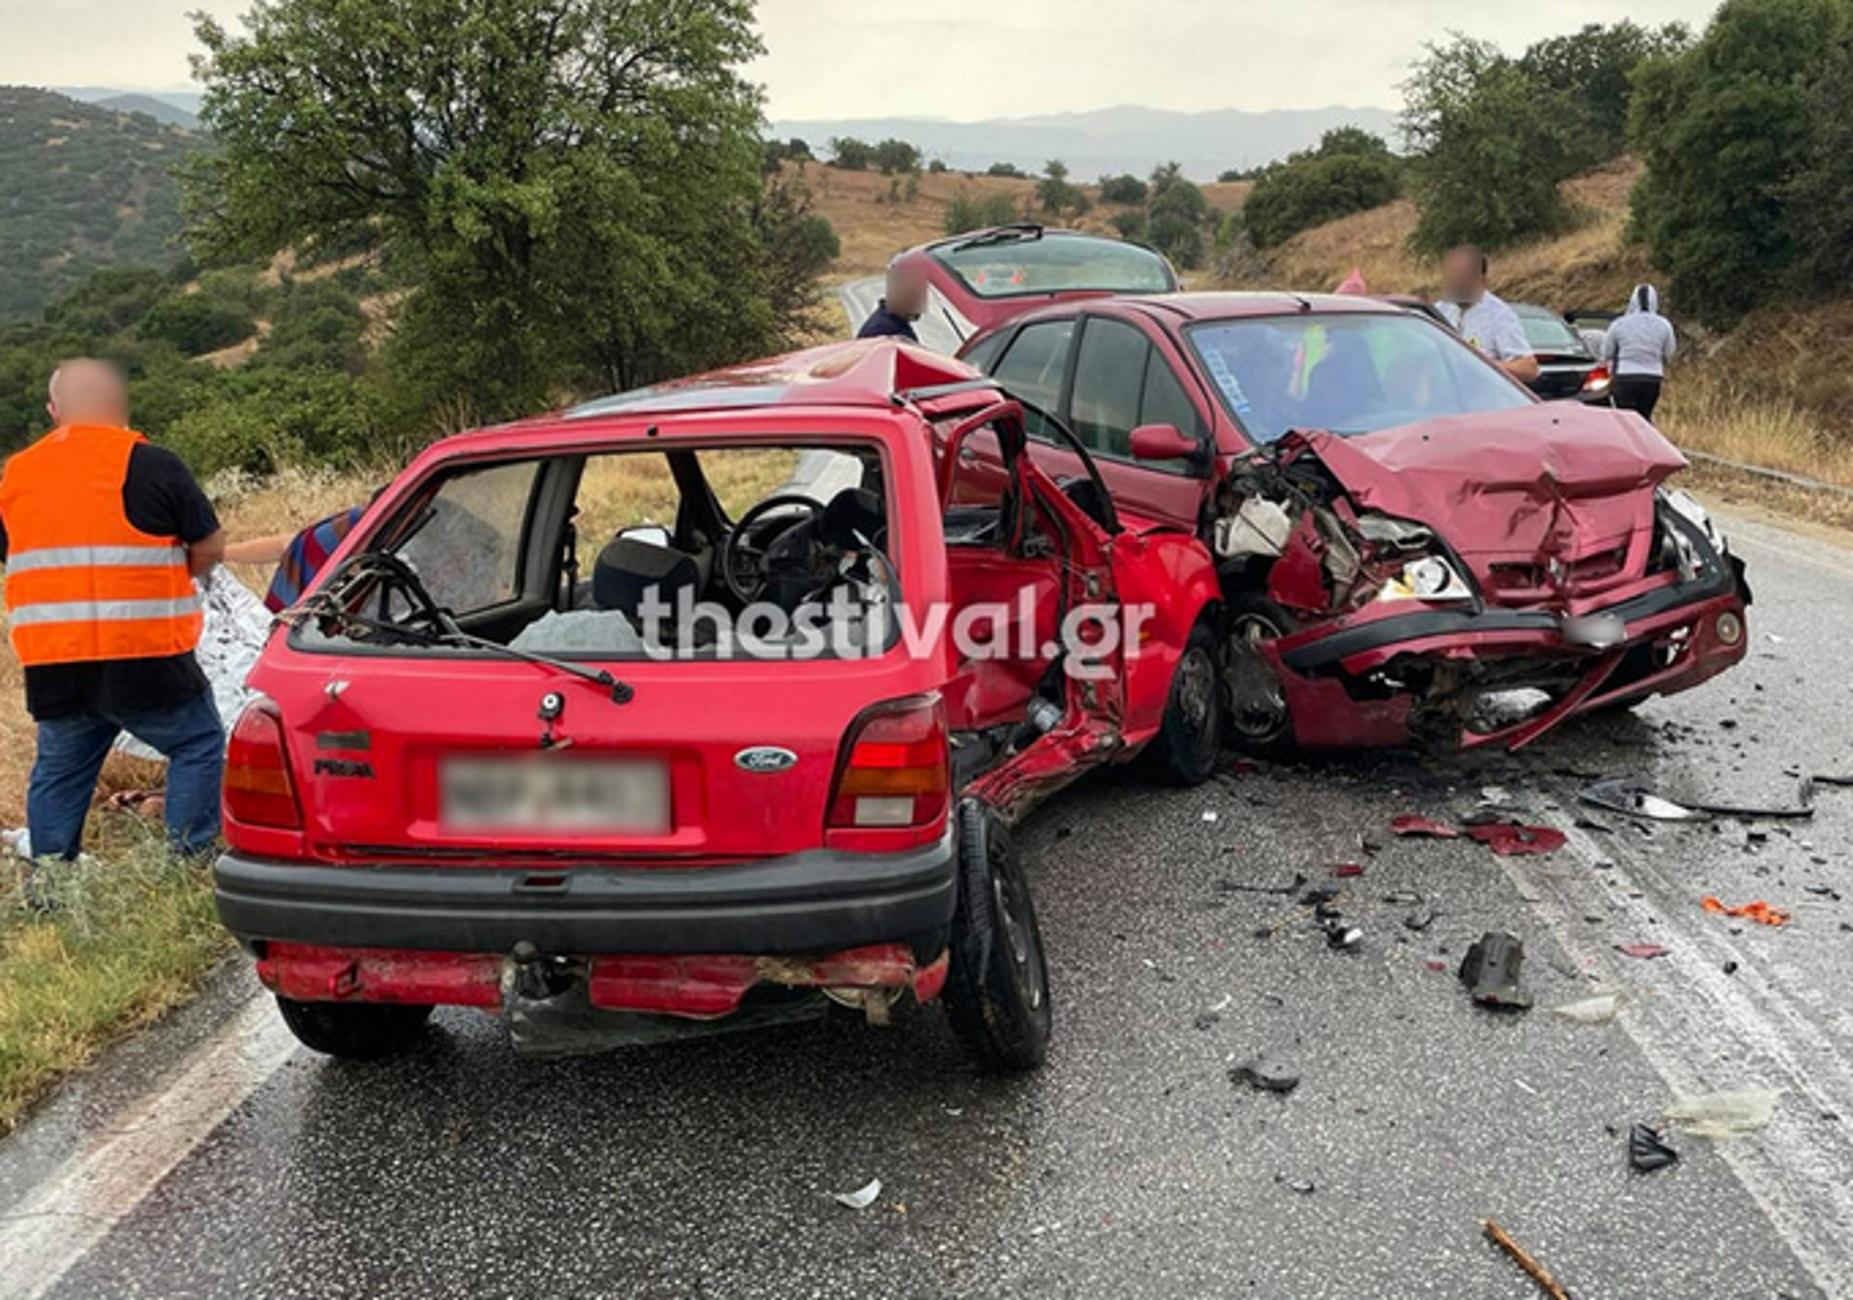 Θεσσαλονίκη: Σοβαρό τροχαίο με 4 τραυματίες – Μάχη με το χρόνο για γυναίκα που εγκλωβίστηκε